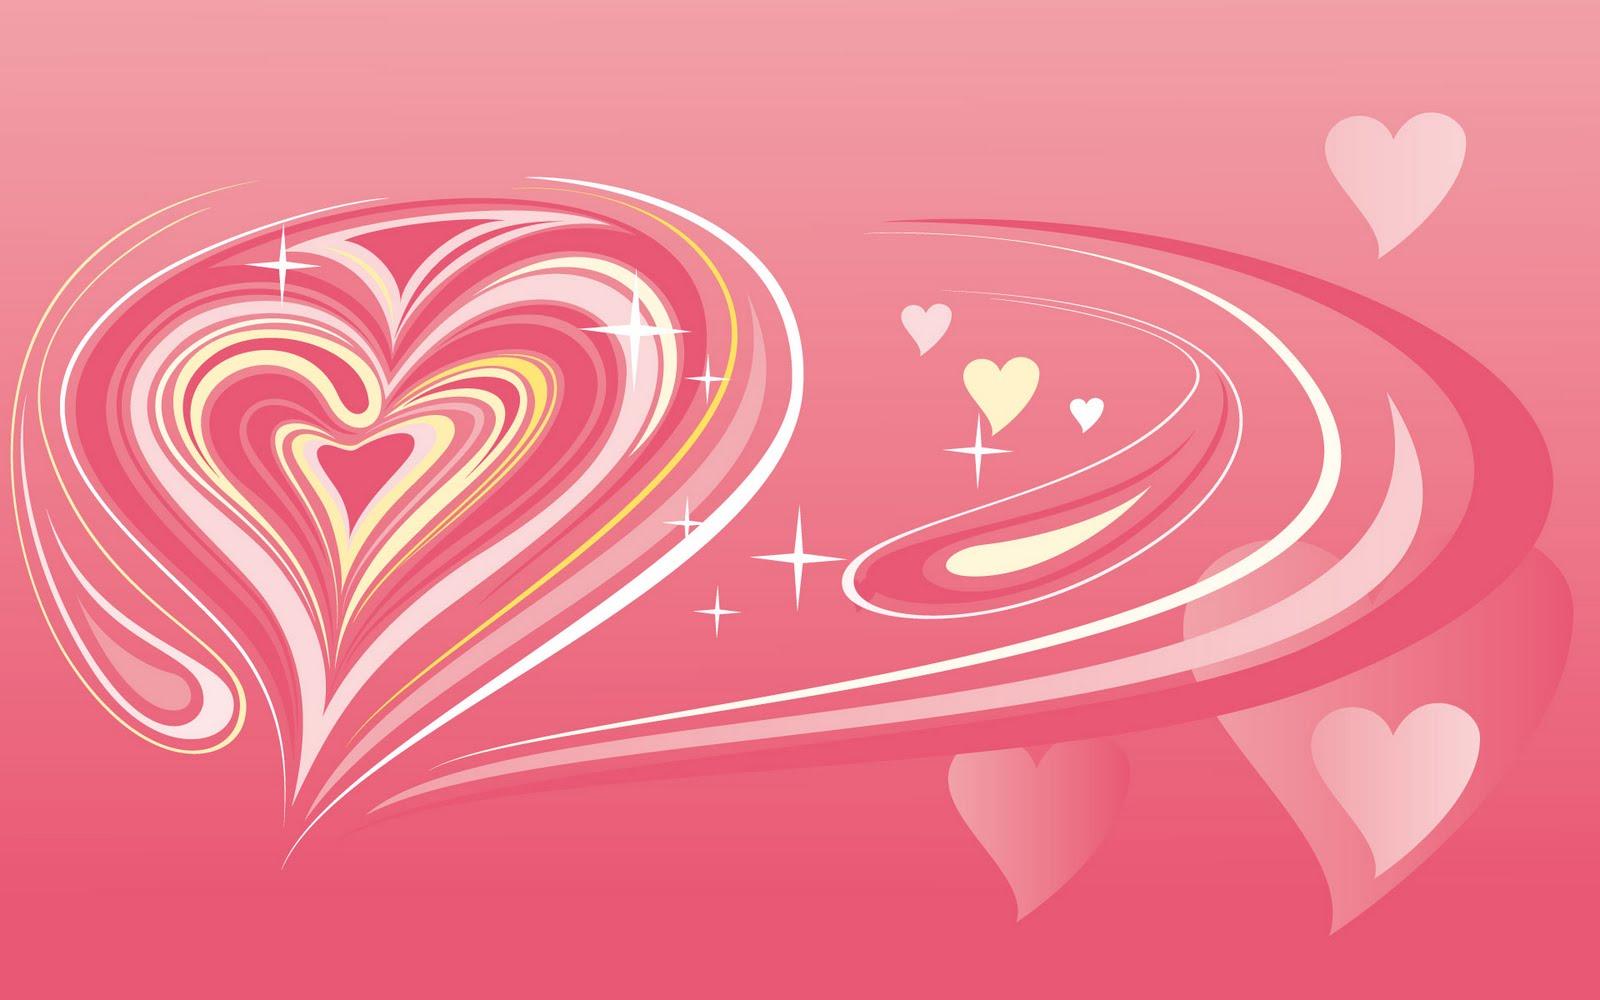 http://3.bp.blogspot.com/-Ixw4TmKd0rg/TVakIftR0MI/AAAAAAAAFaQ/2MIq-UE_DEo/s1600/valentines-day-wallpaper-5Final-Fantasy-HD-Wallpaper-1Salma_Hayek-sophie-choudhary-Alessandra-Ambrosio-Adriana%2BLim-emma-roberts-Love-wallpapers-romantic-hermione-granger-emma-watson3.jpg